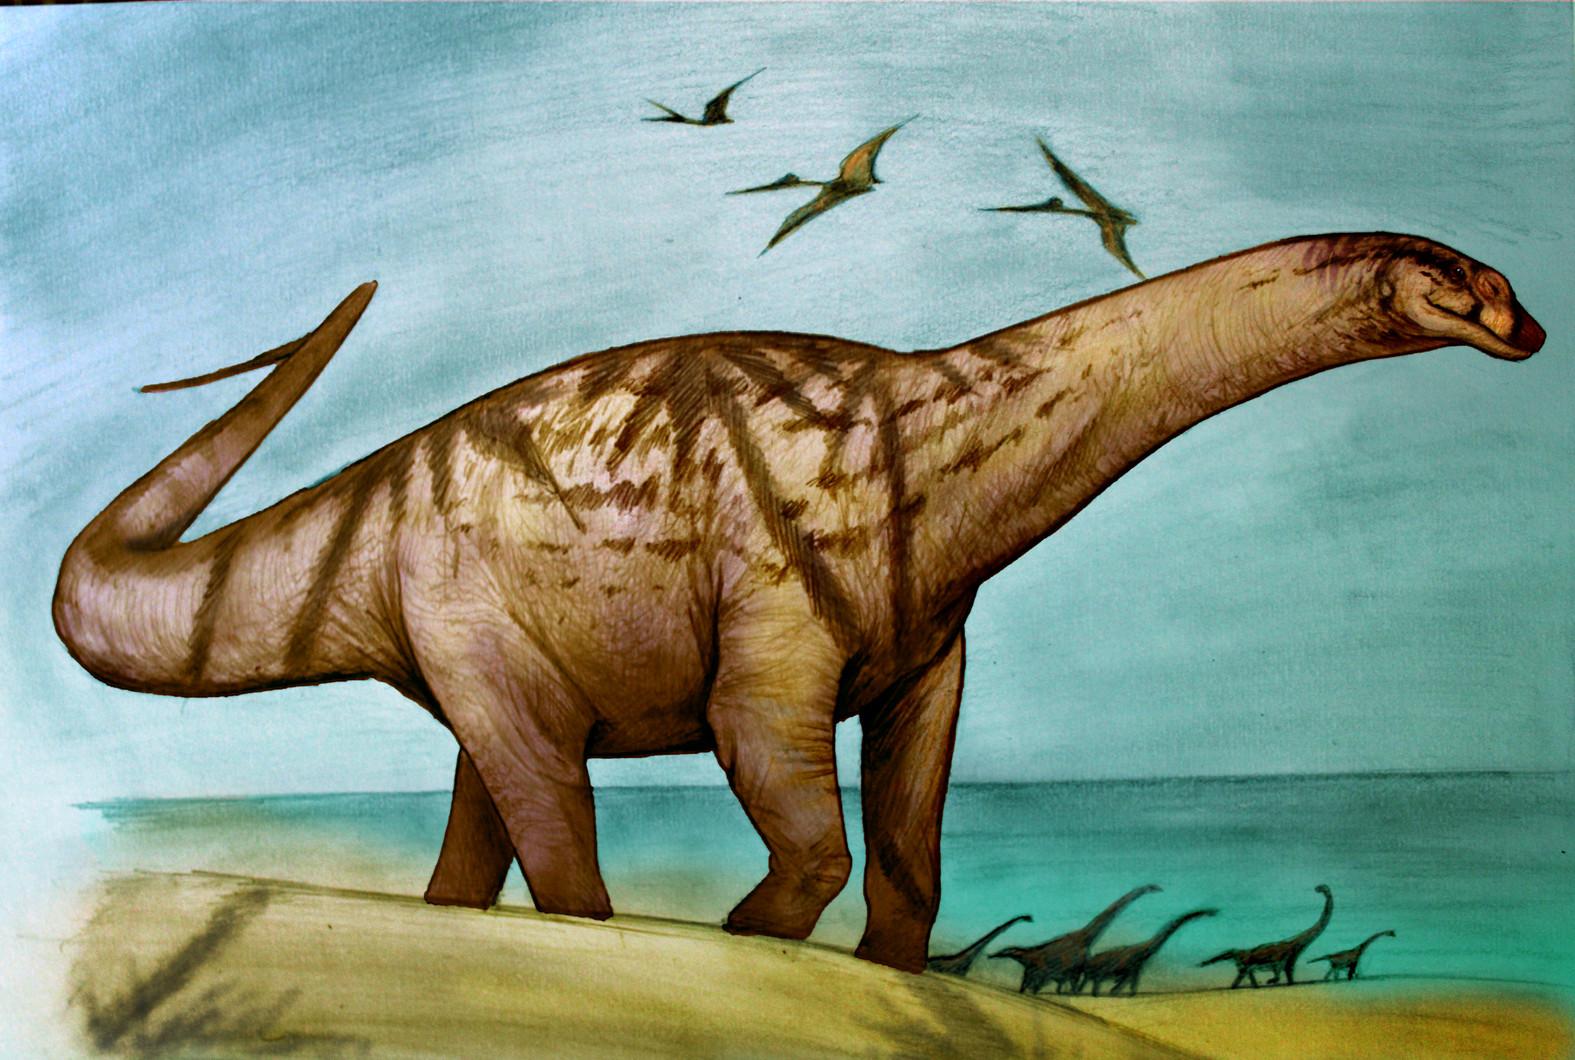 Río Negro: Descubren restos de dinosaurios de más de 70 millones de años